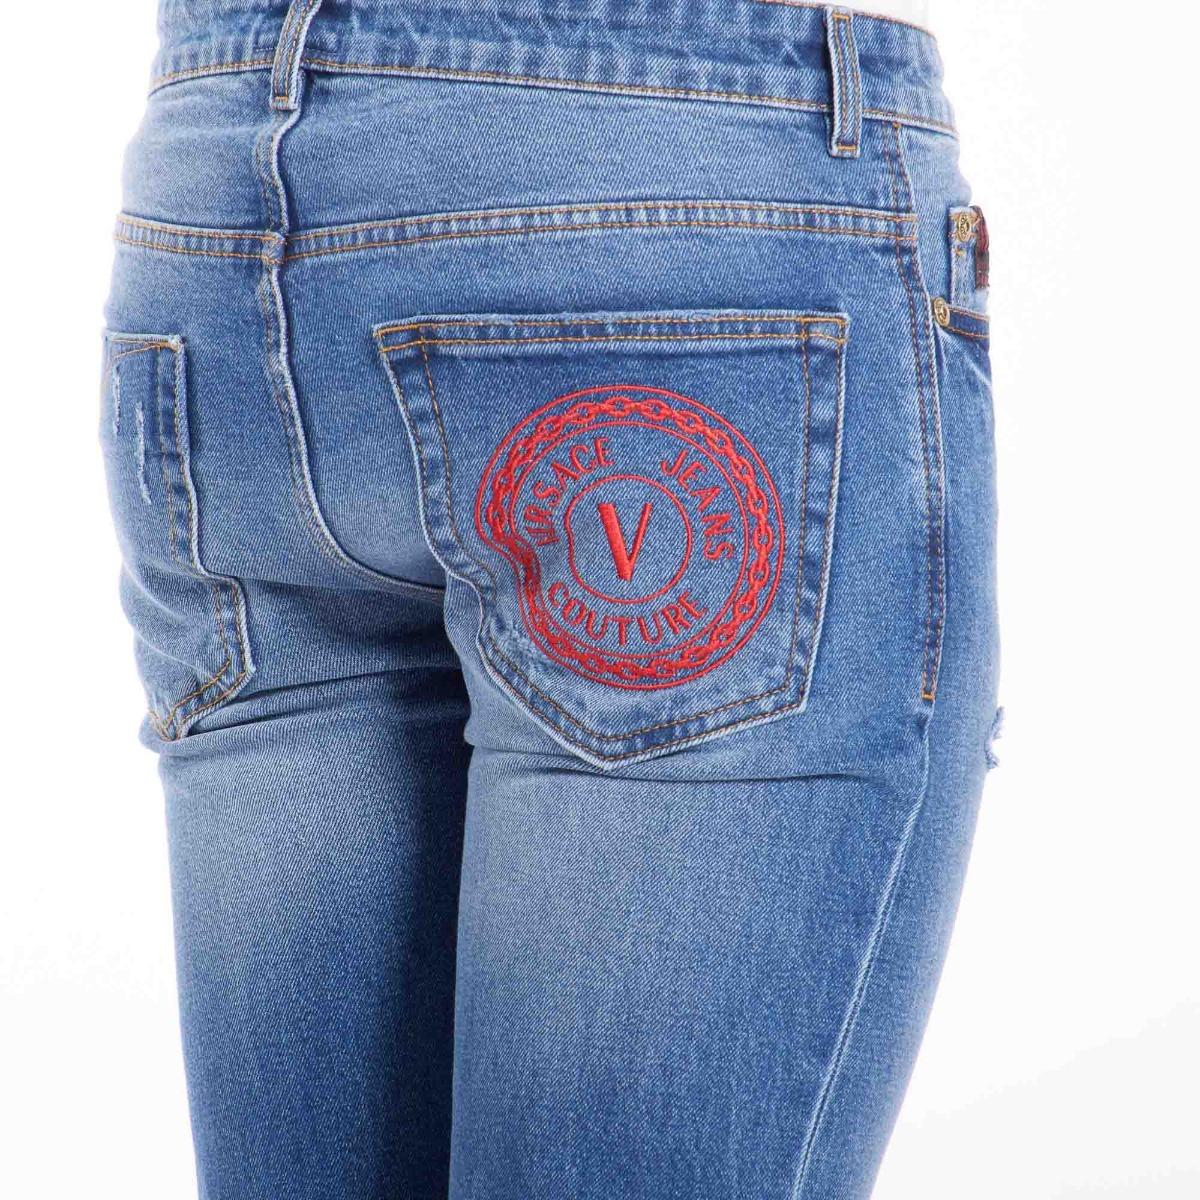 Jeans v emblem- Denim scuro